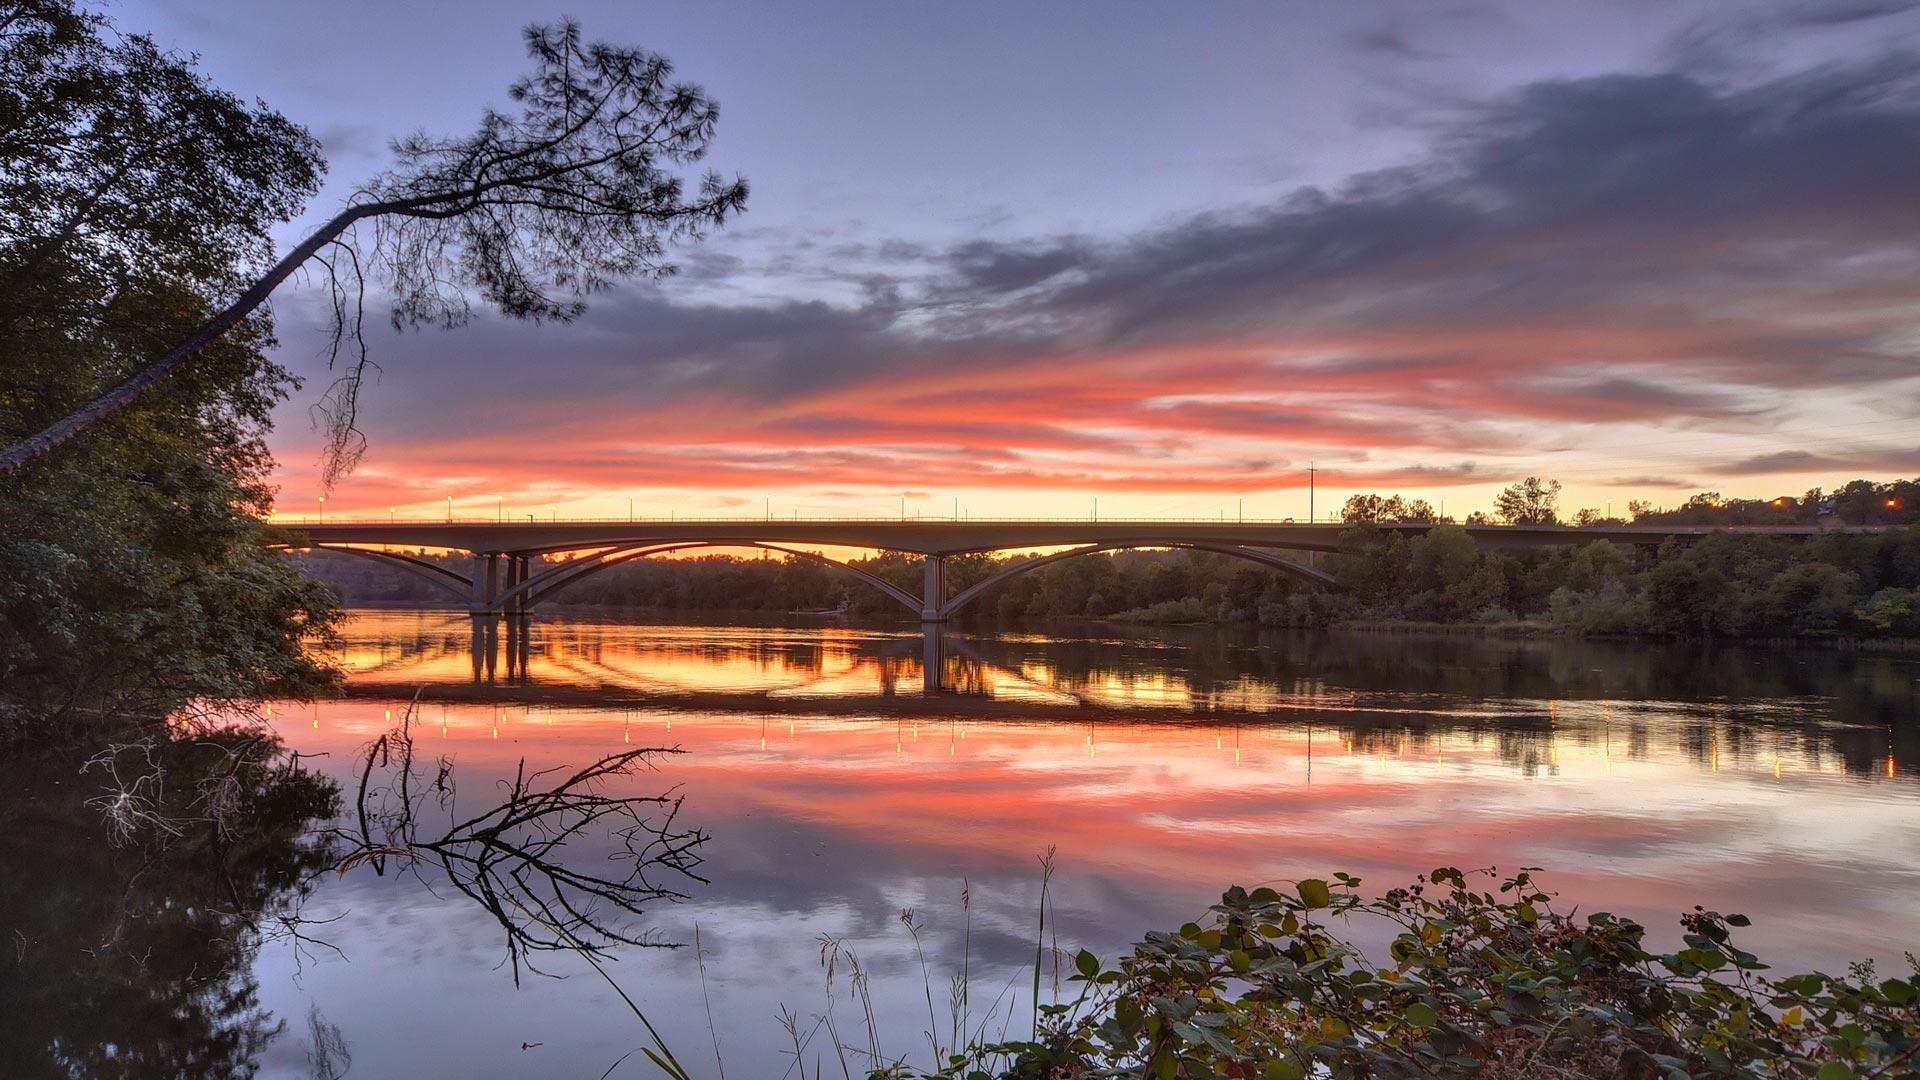 Folsom Rainbow Bridge at sunset